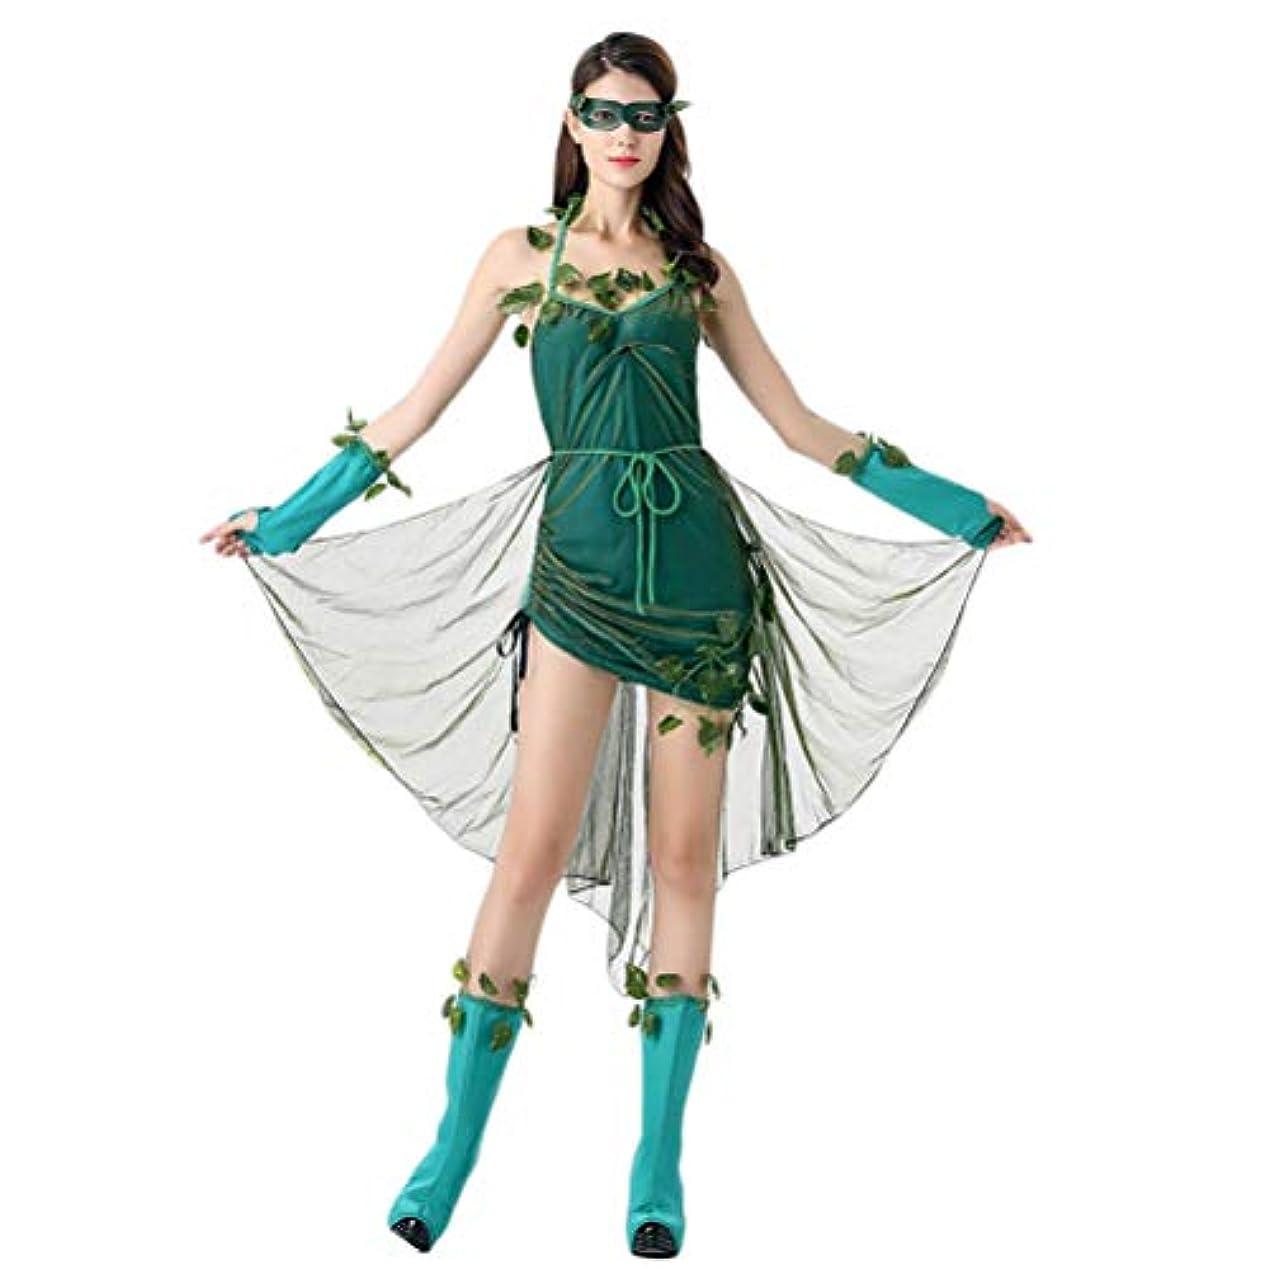 センブランスかんたん申請中BESTOYARD ハロウィンステージの衣装美しいエルフの衣装森の悪魔の女神女性のコスプレ衣装ユニフォームパーティードレススーツ